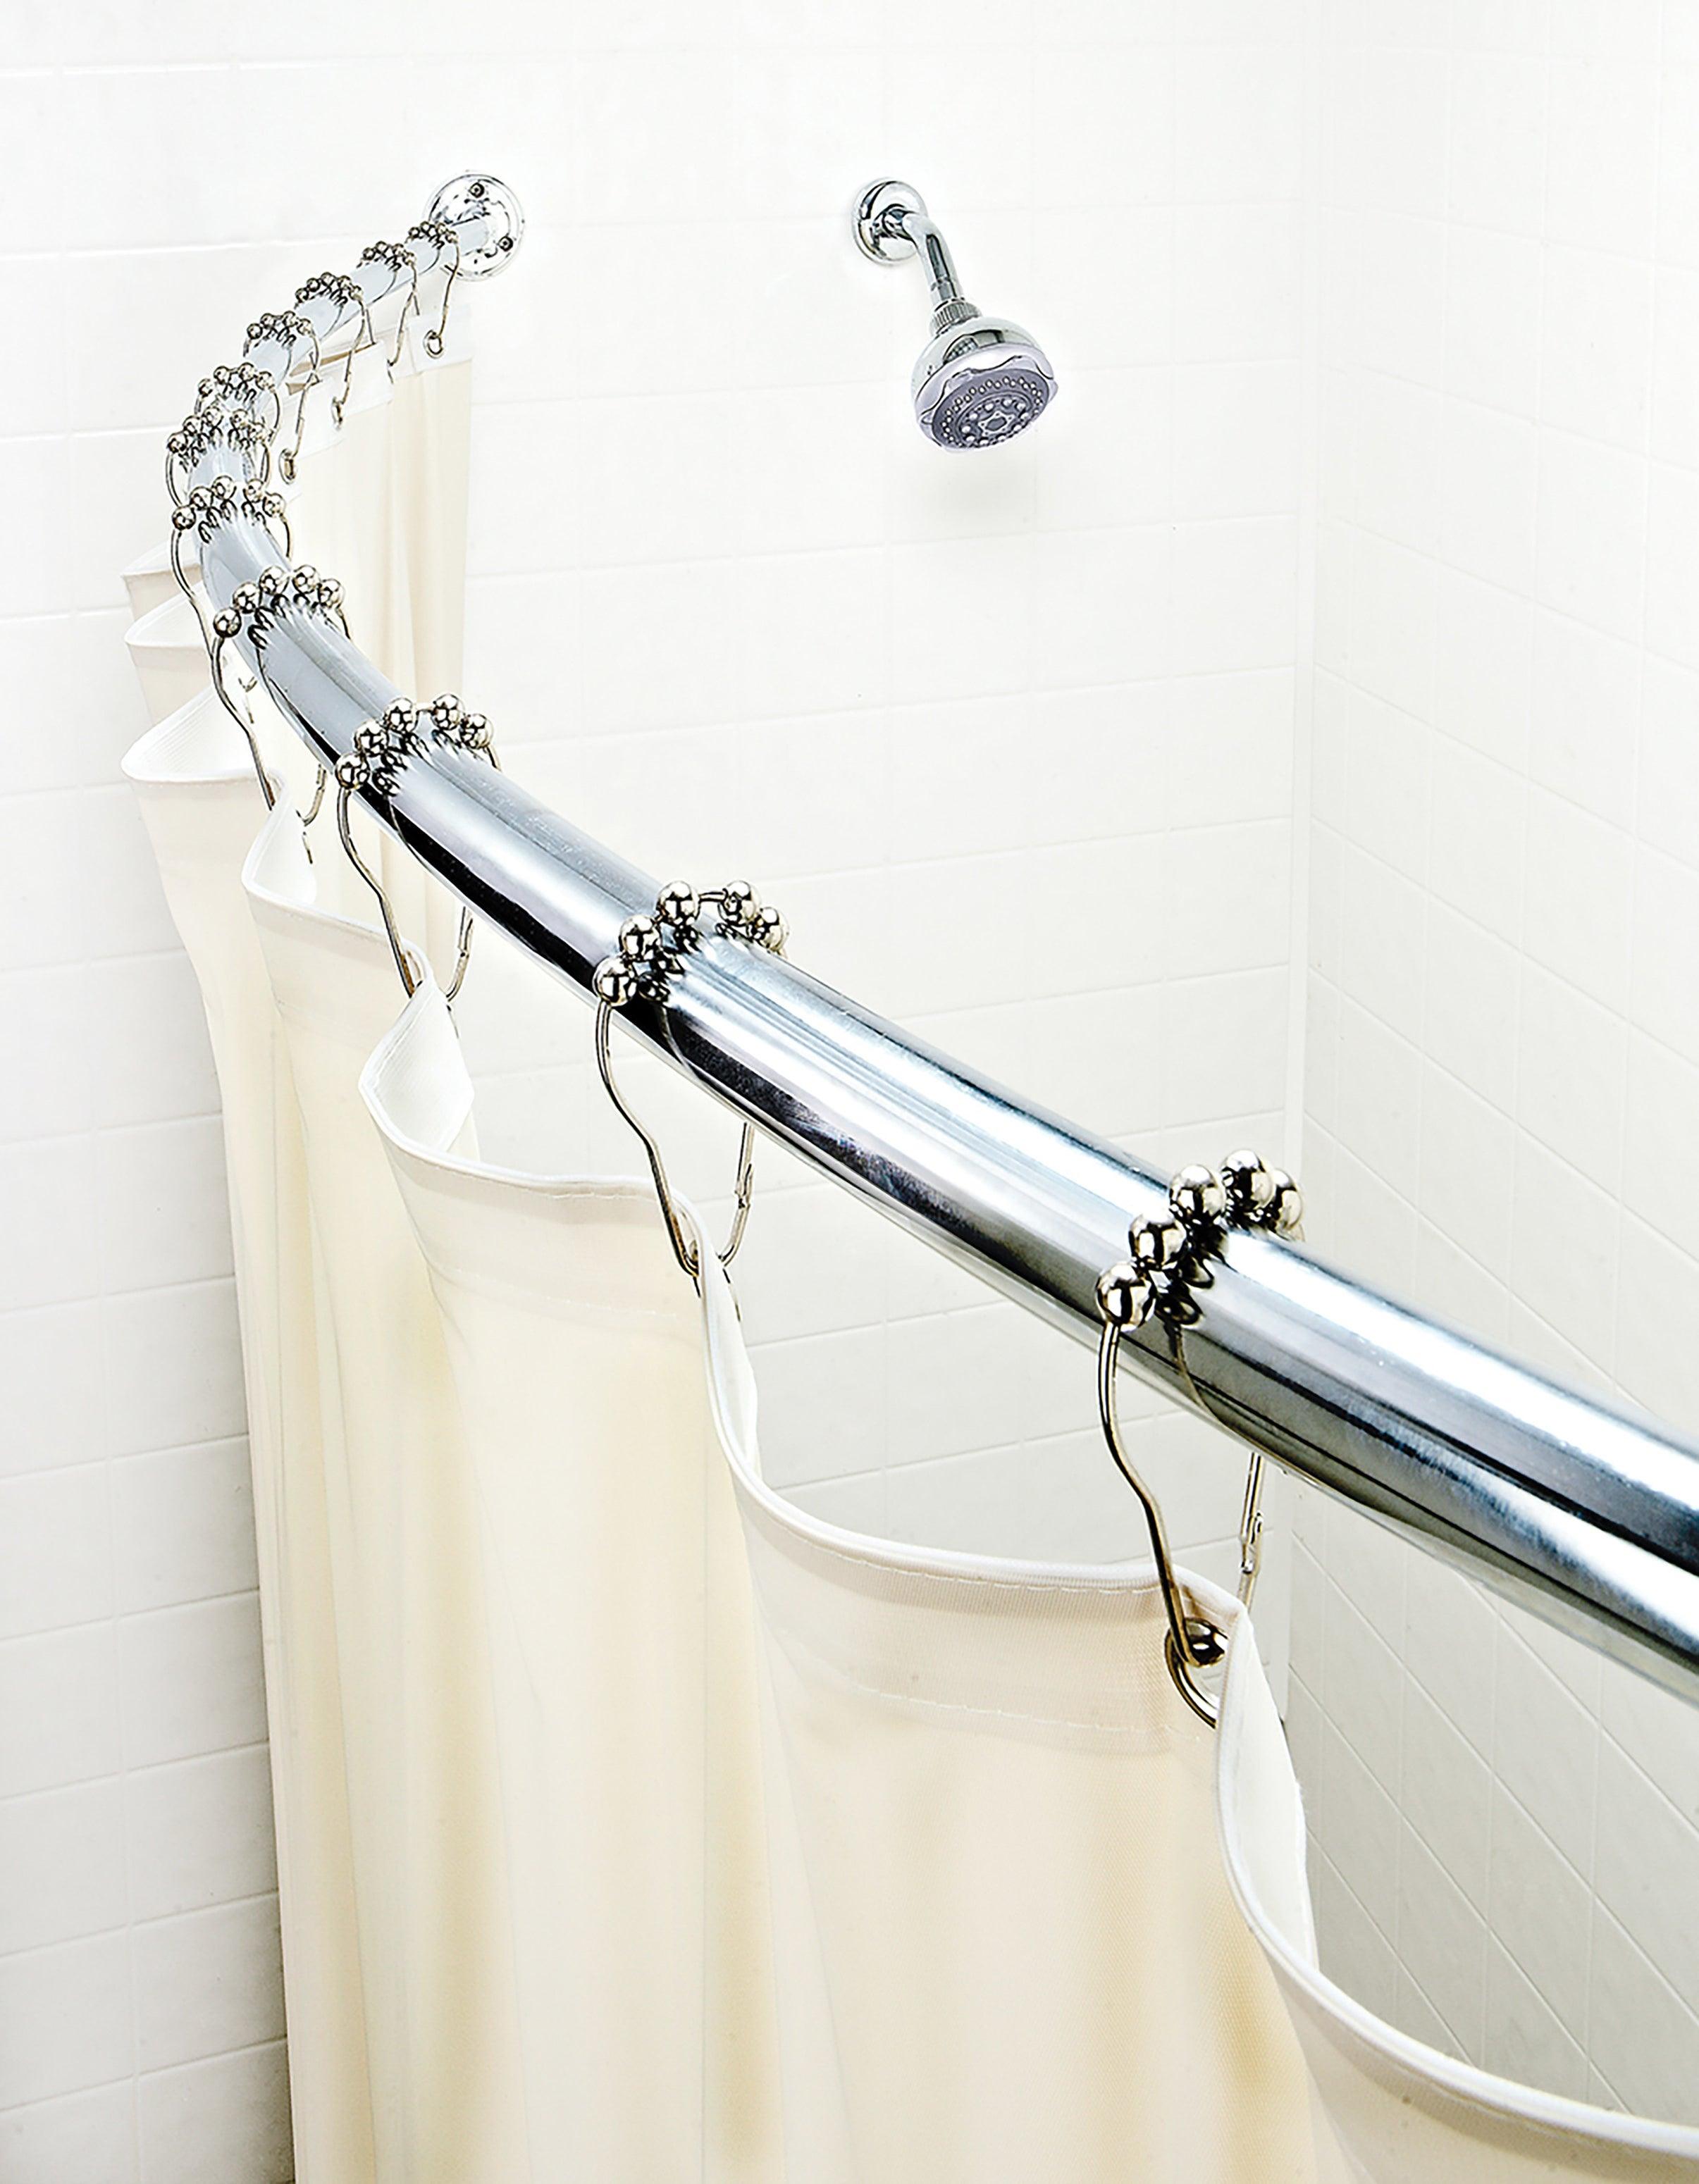 An adjustable shower curtain rod